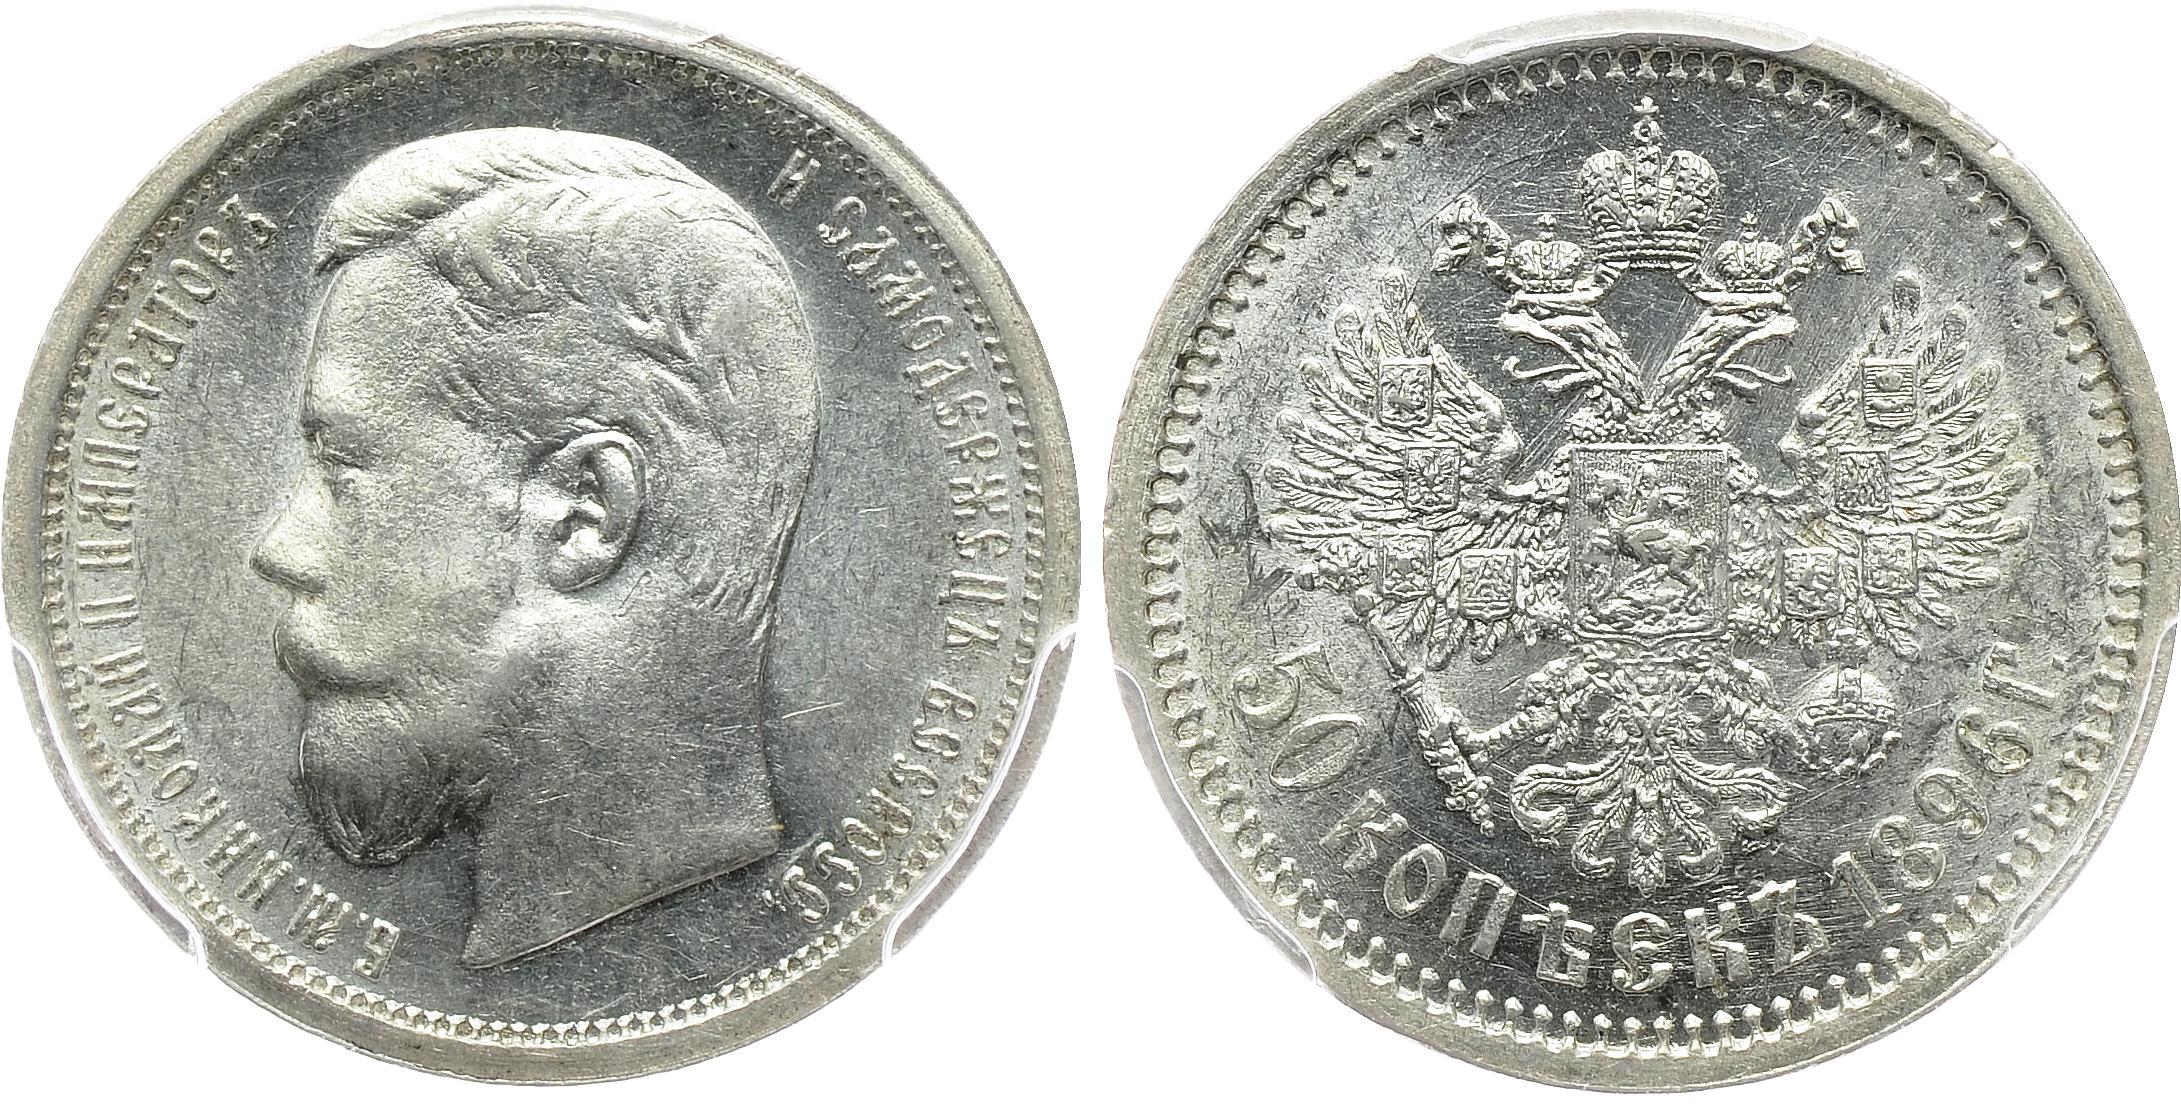 Стоимость монет николая таблица 10 рублей 1911 года цена